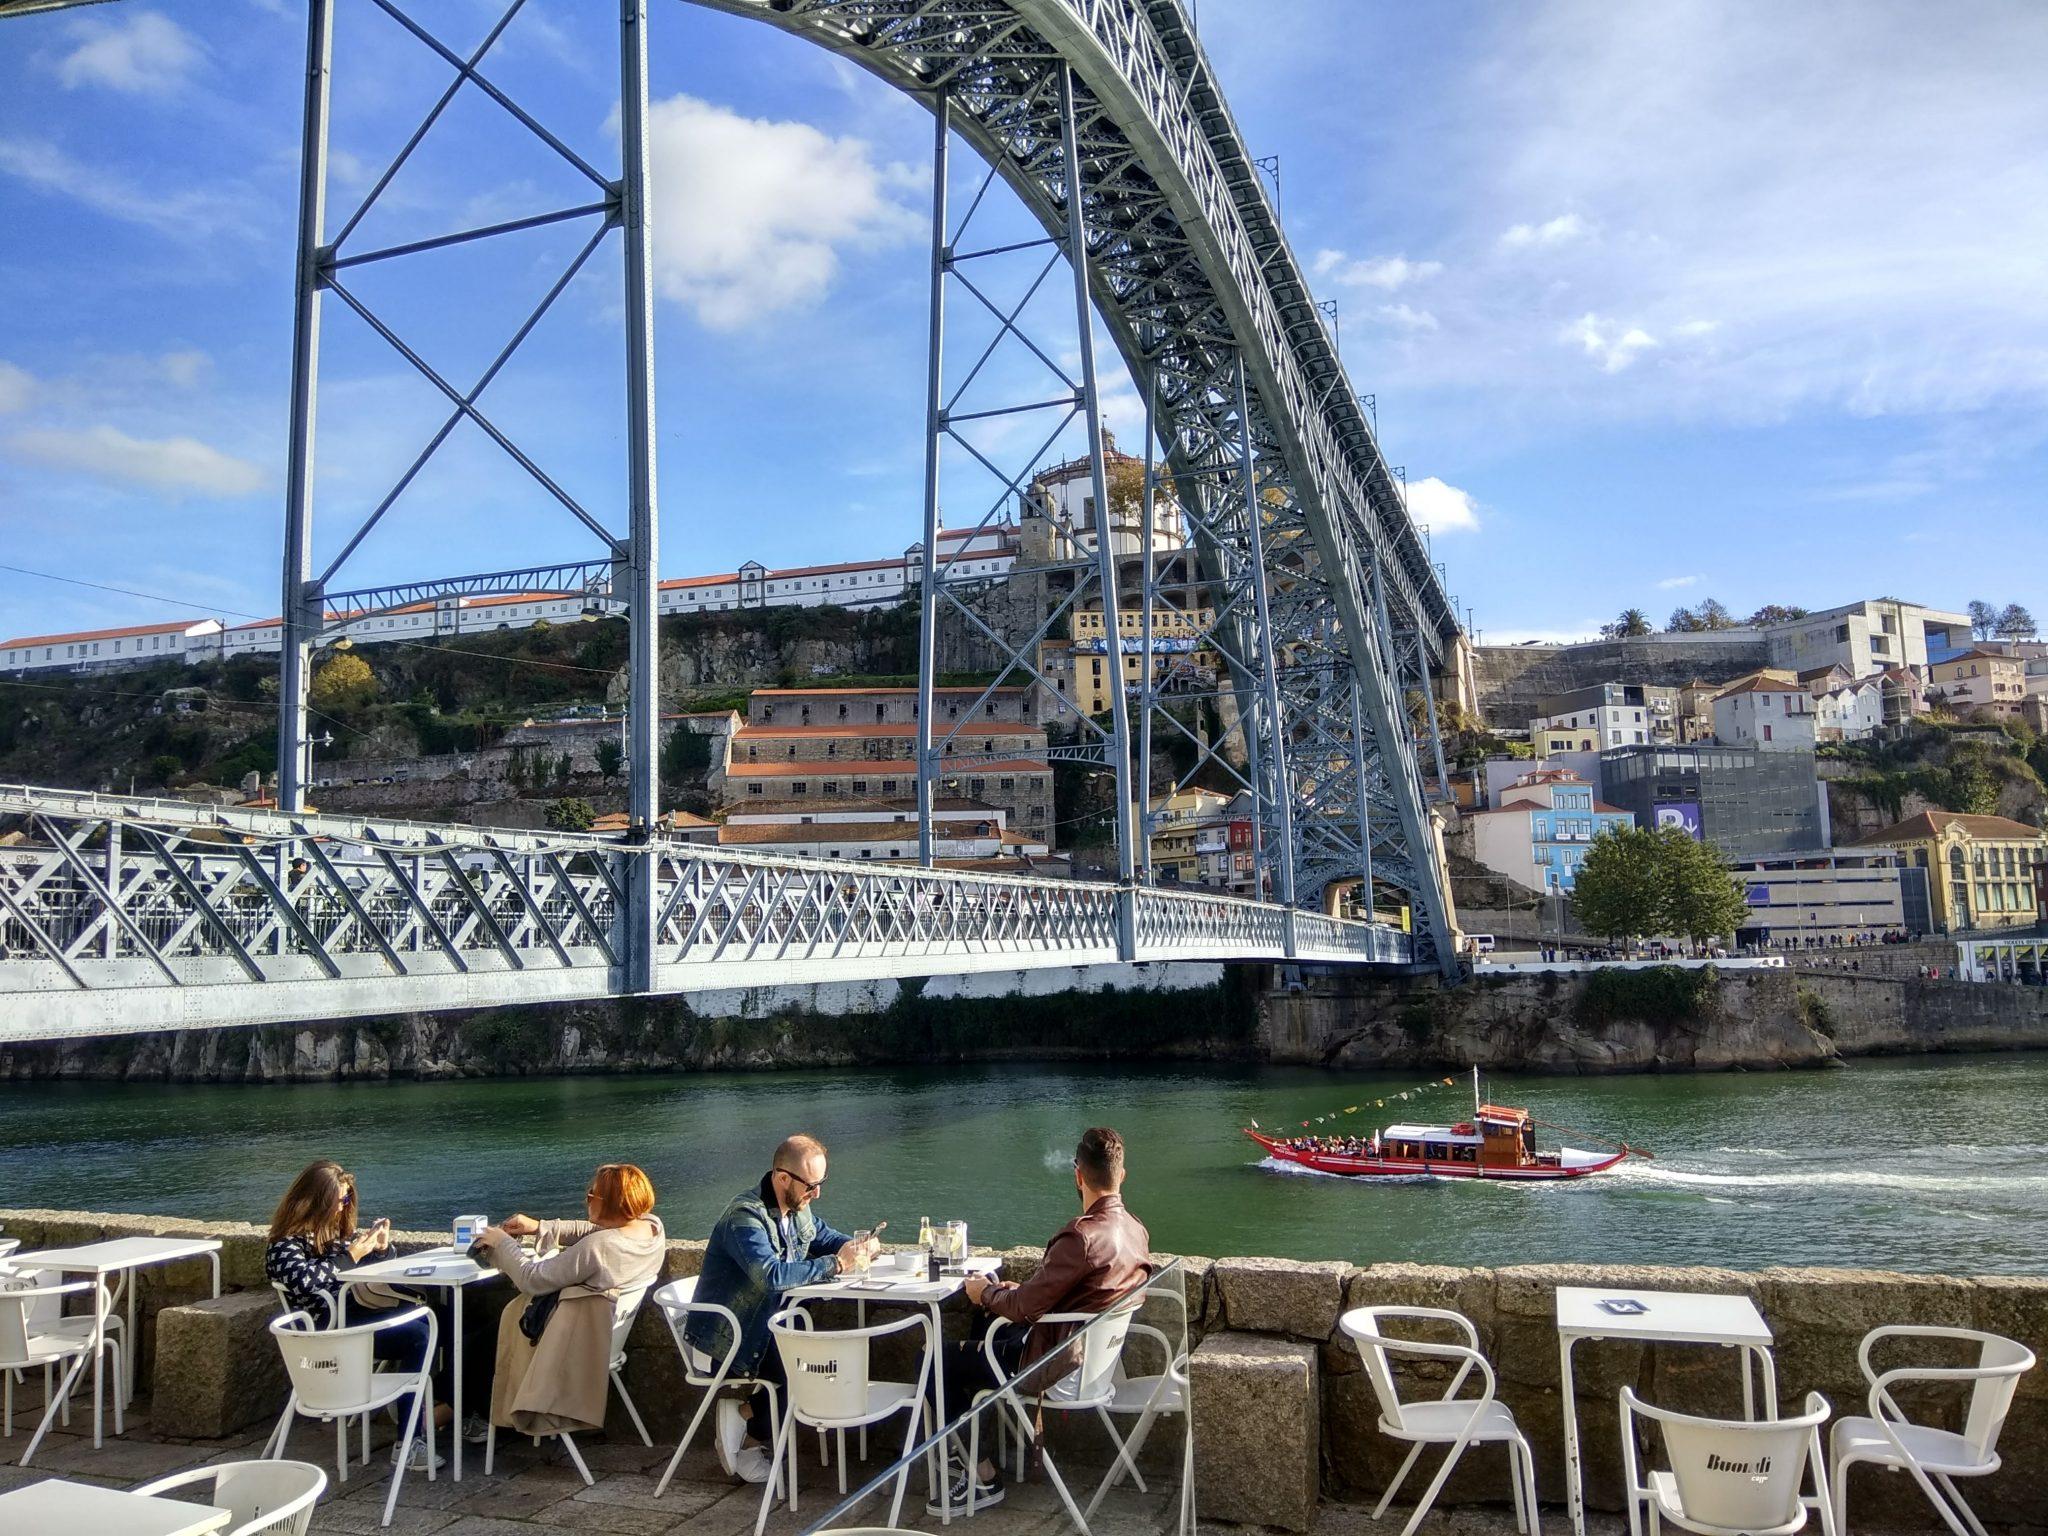 Imagen post 2 días en Oporto. Cafe junto al puente Luis I - Pasaporte y Millas